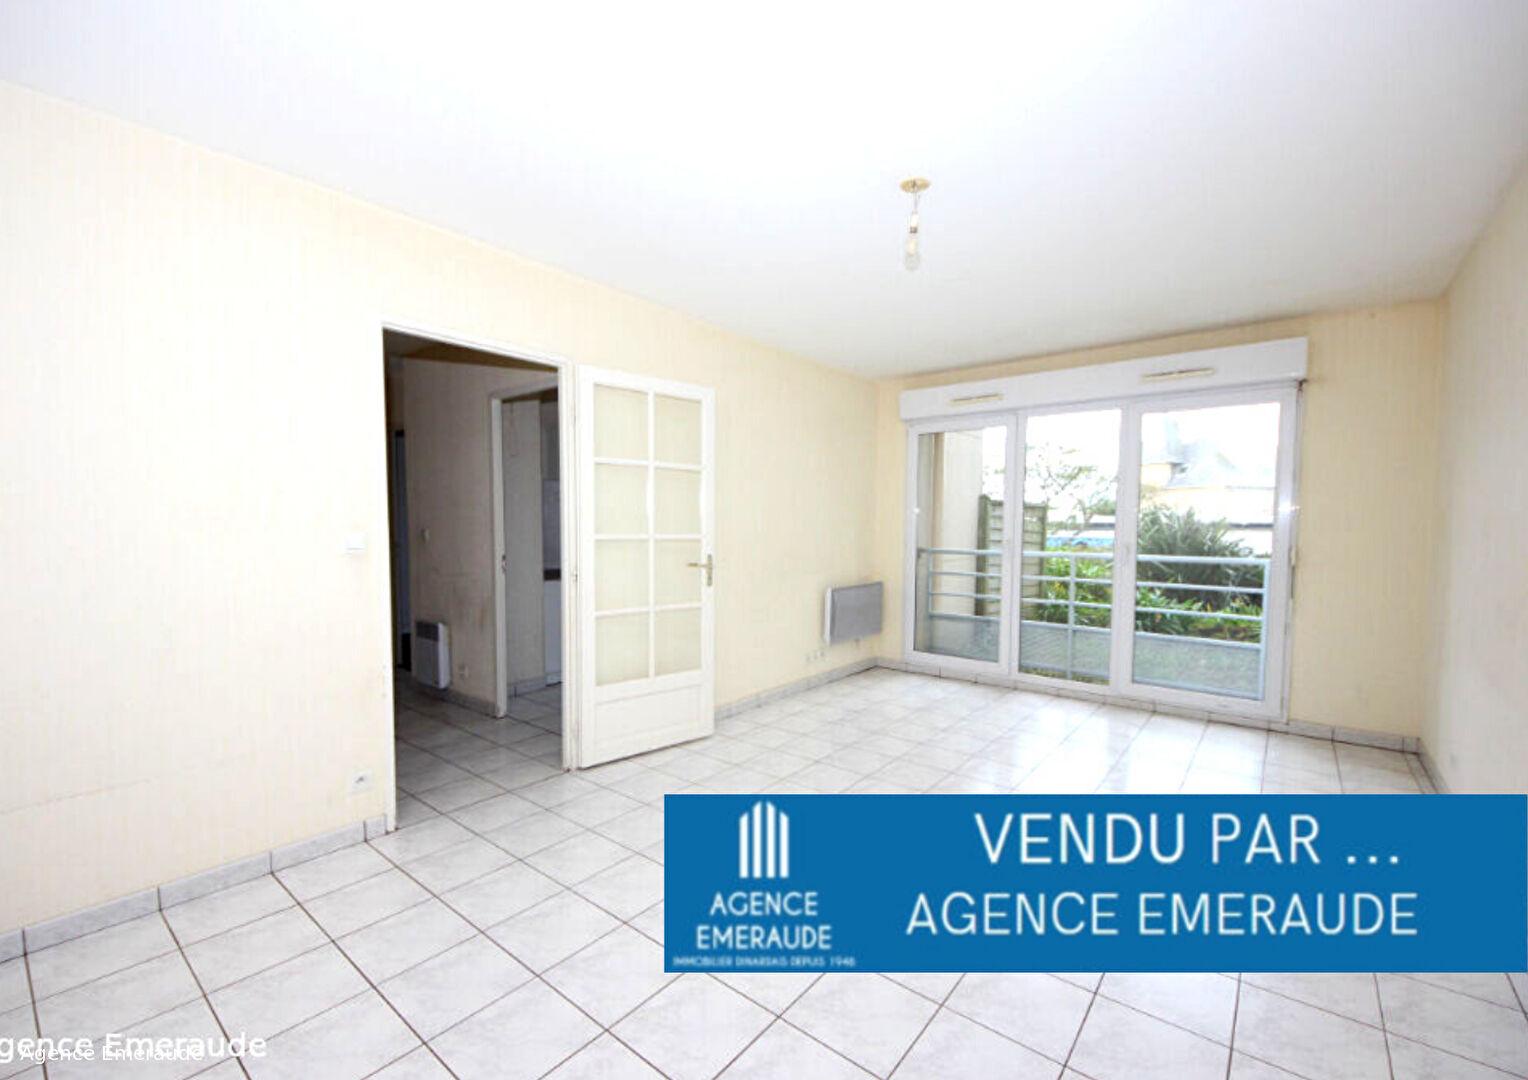 Appartement Saint-malo 2 pièce(s) 49.71 m² terrasse, garage et cellier